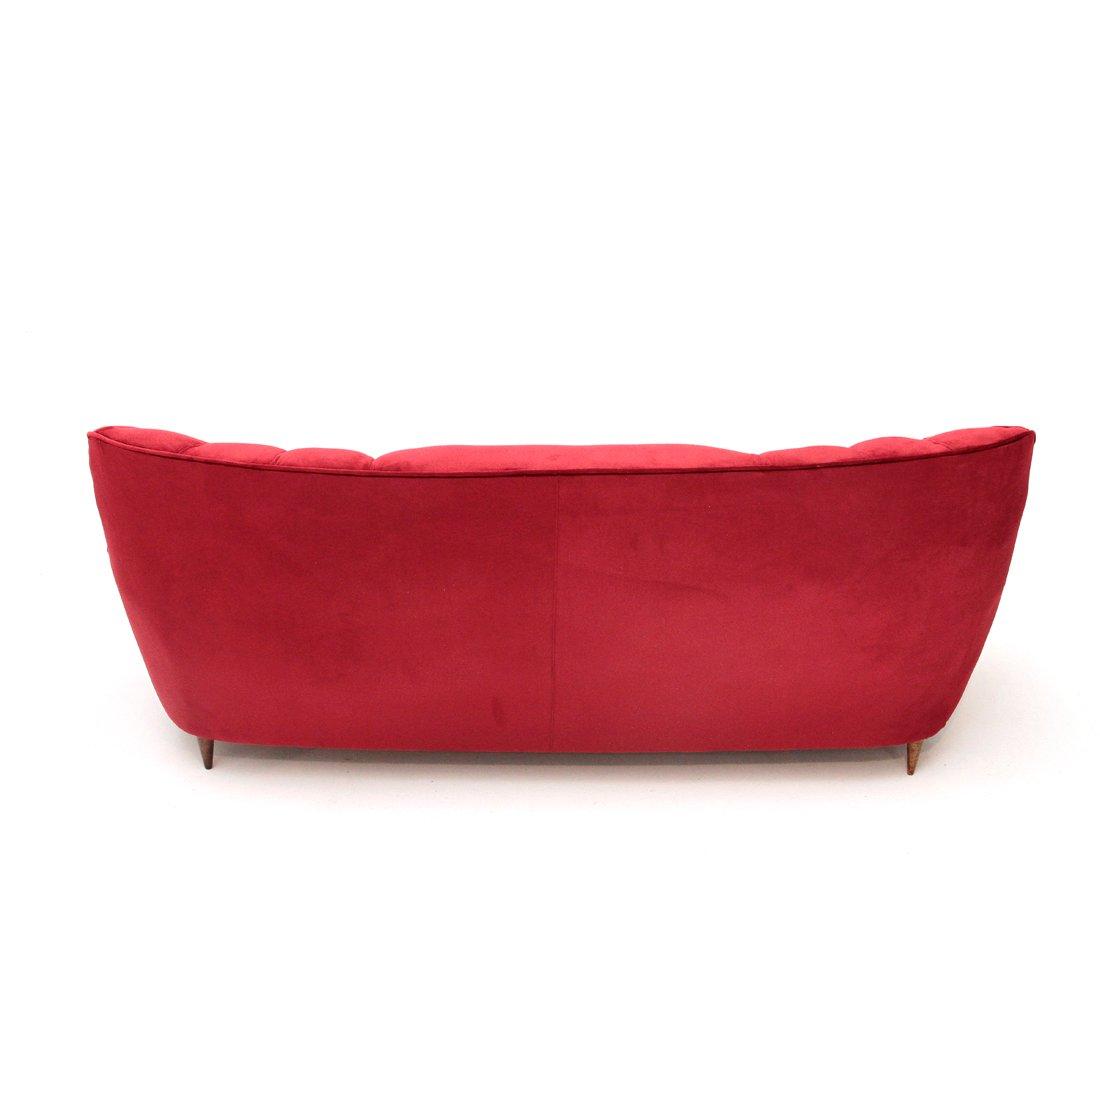 Italian red velvet sofa 1940s